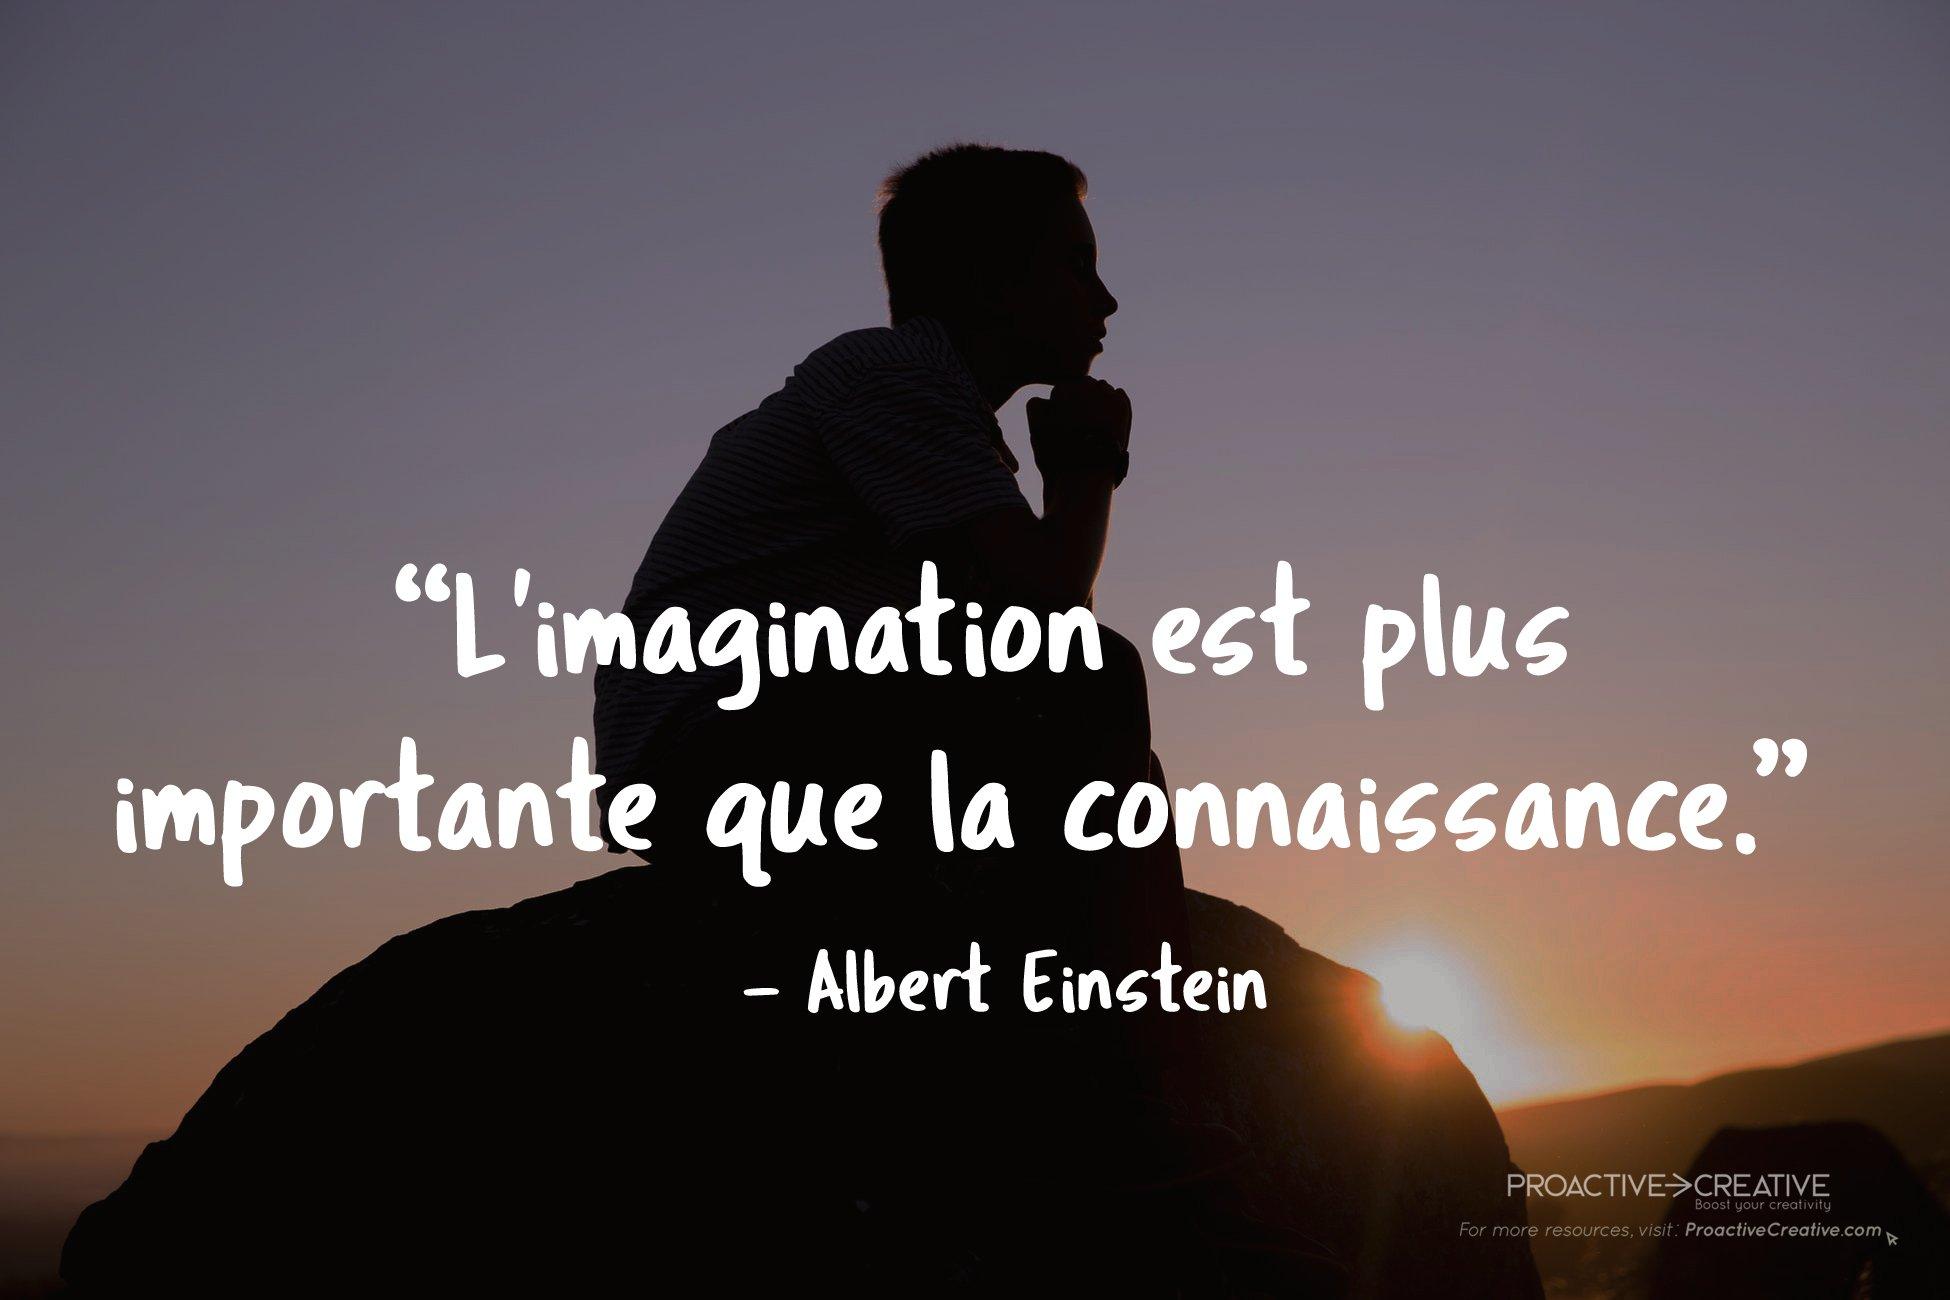 Albert Einstein - Citations inspirantes